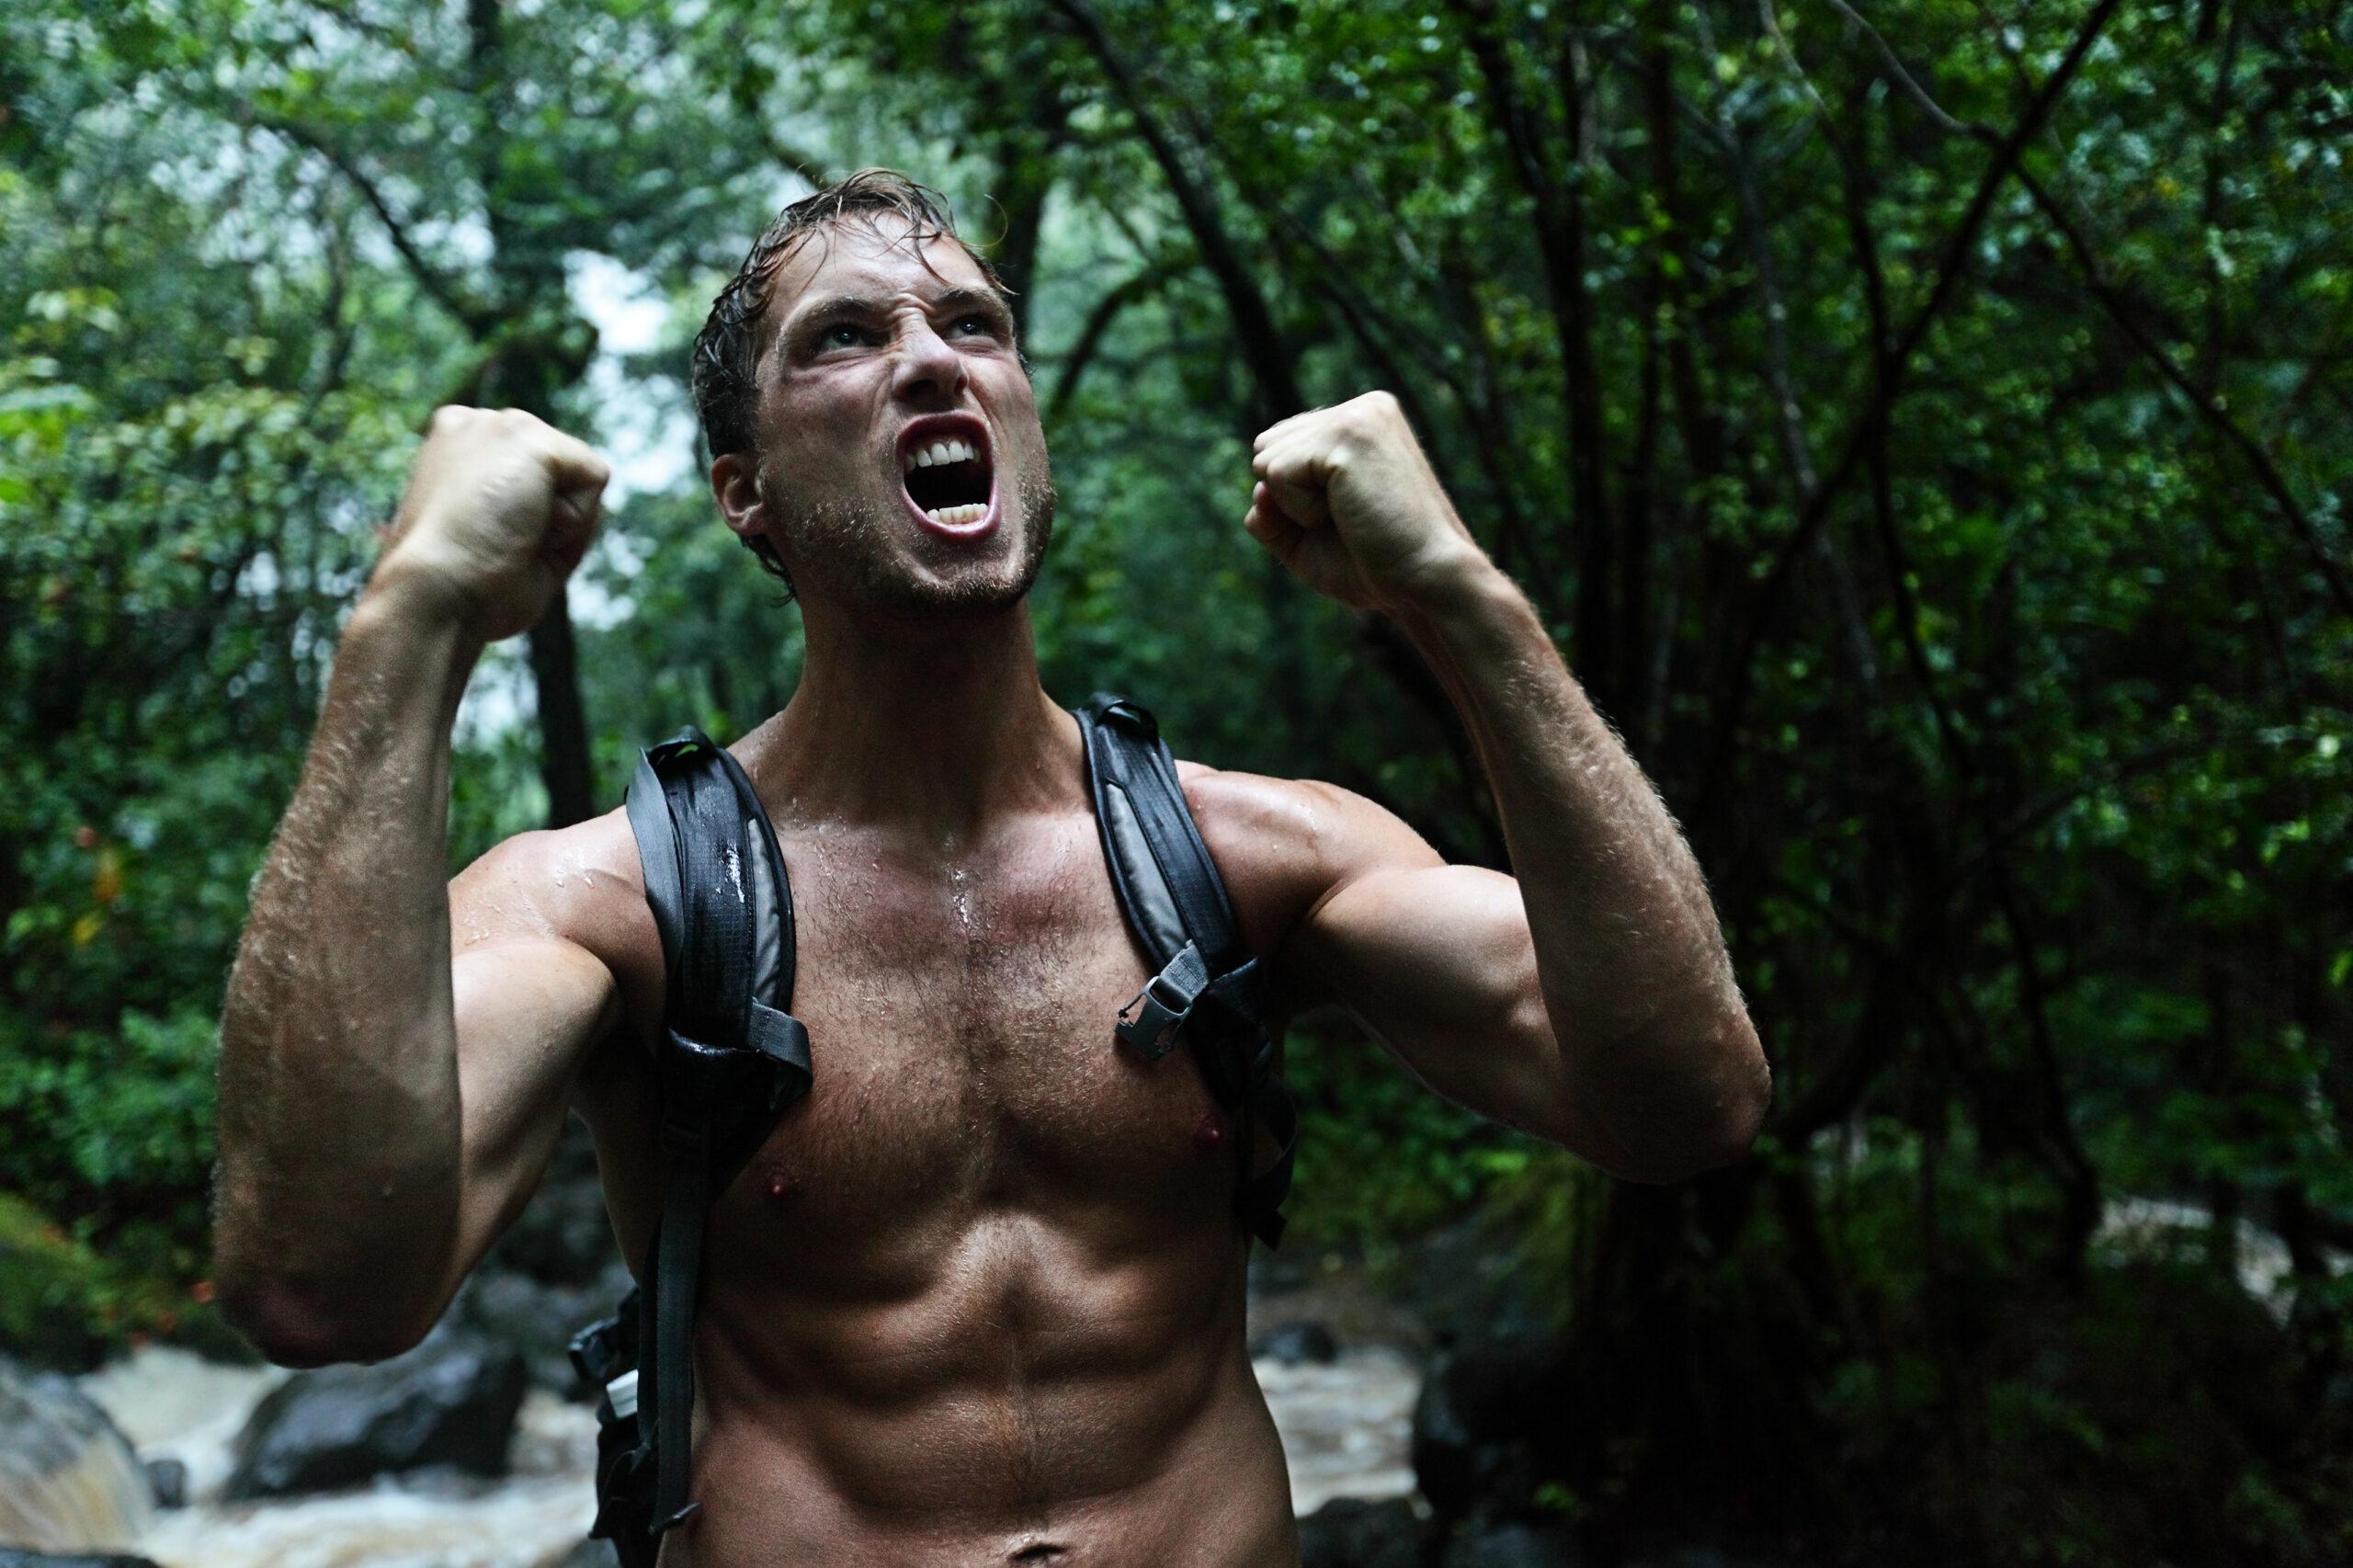 Athletic survivor man